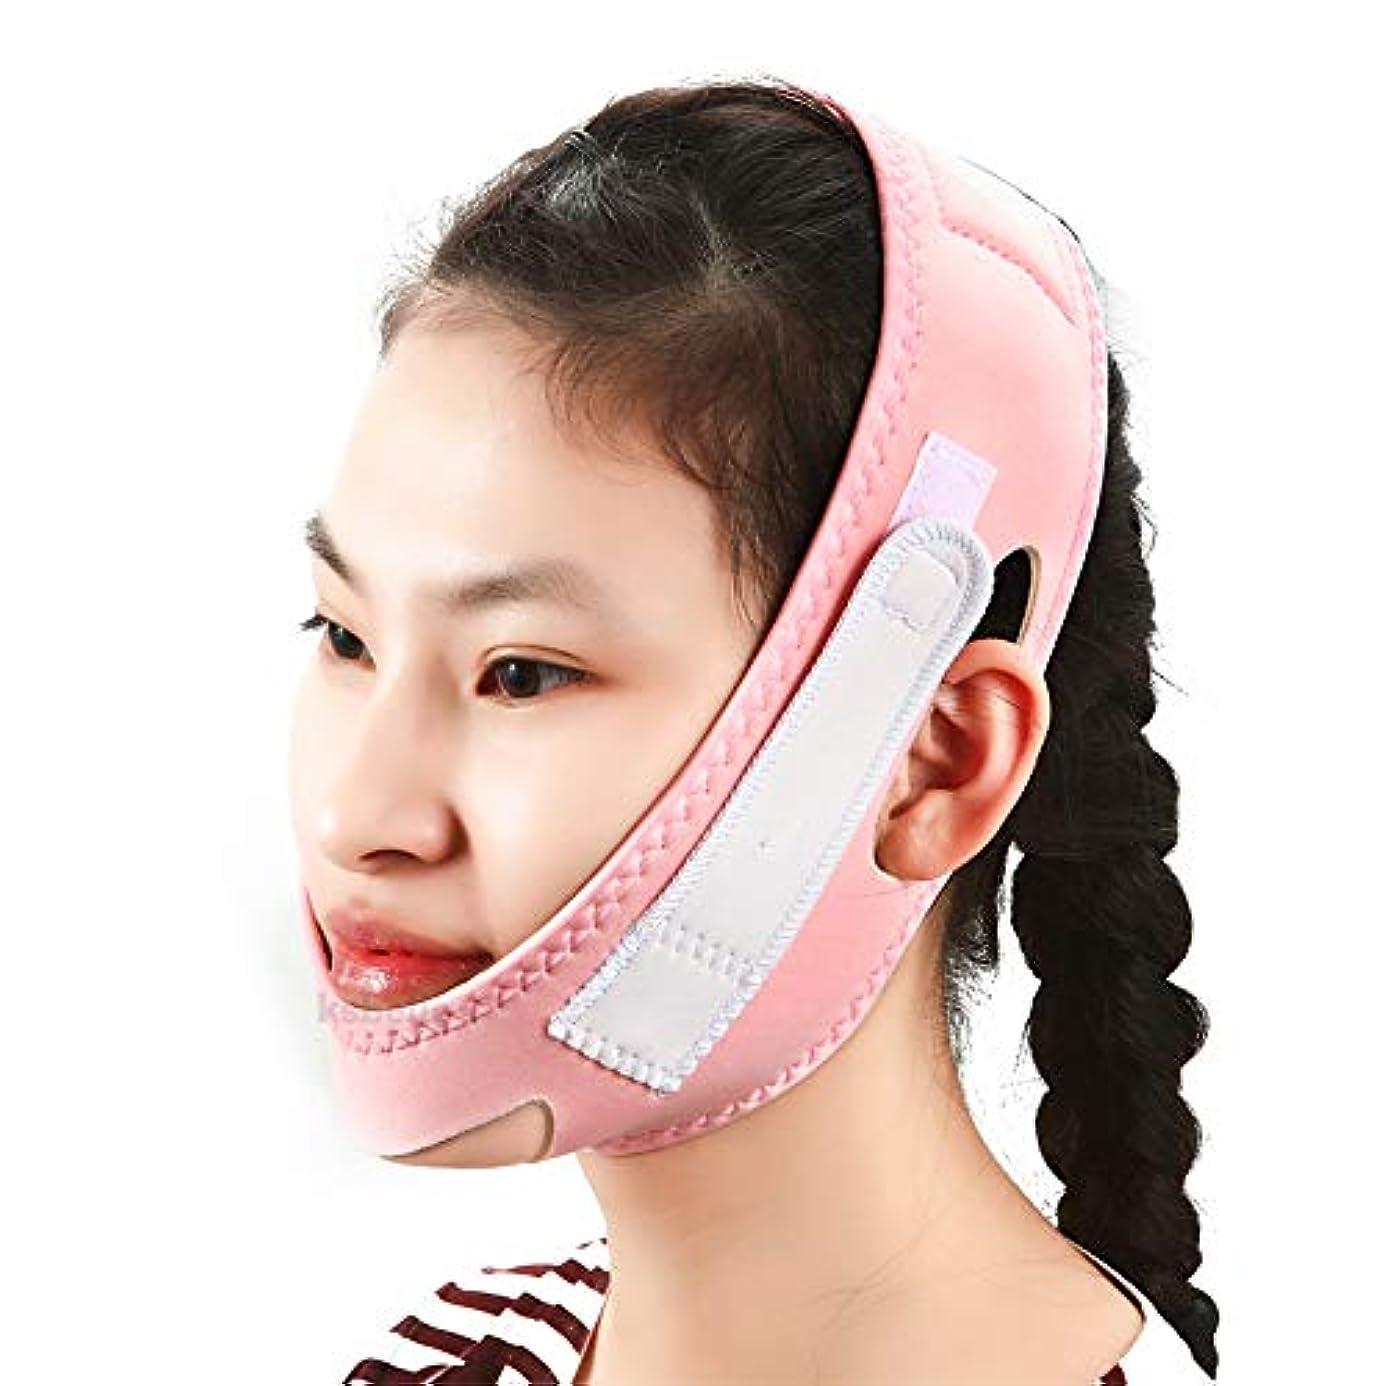 トーク計画冒険者フェイススリムVラインリフトアップマスクチークチンネックスリム薄いベルトストラップ美容繊細な顔の薄いフェイスマスク痩身包帯